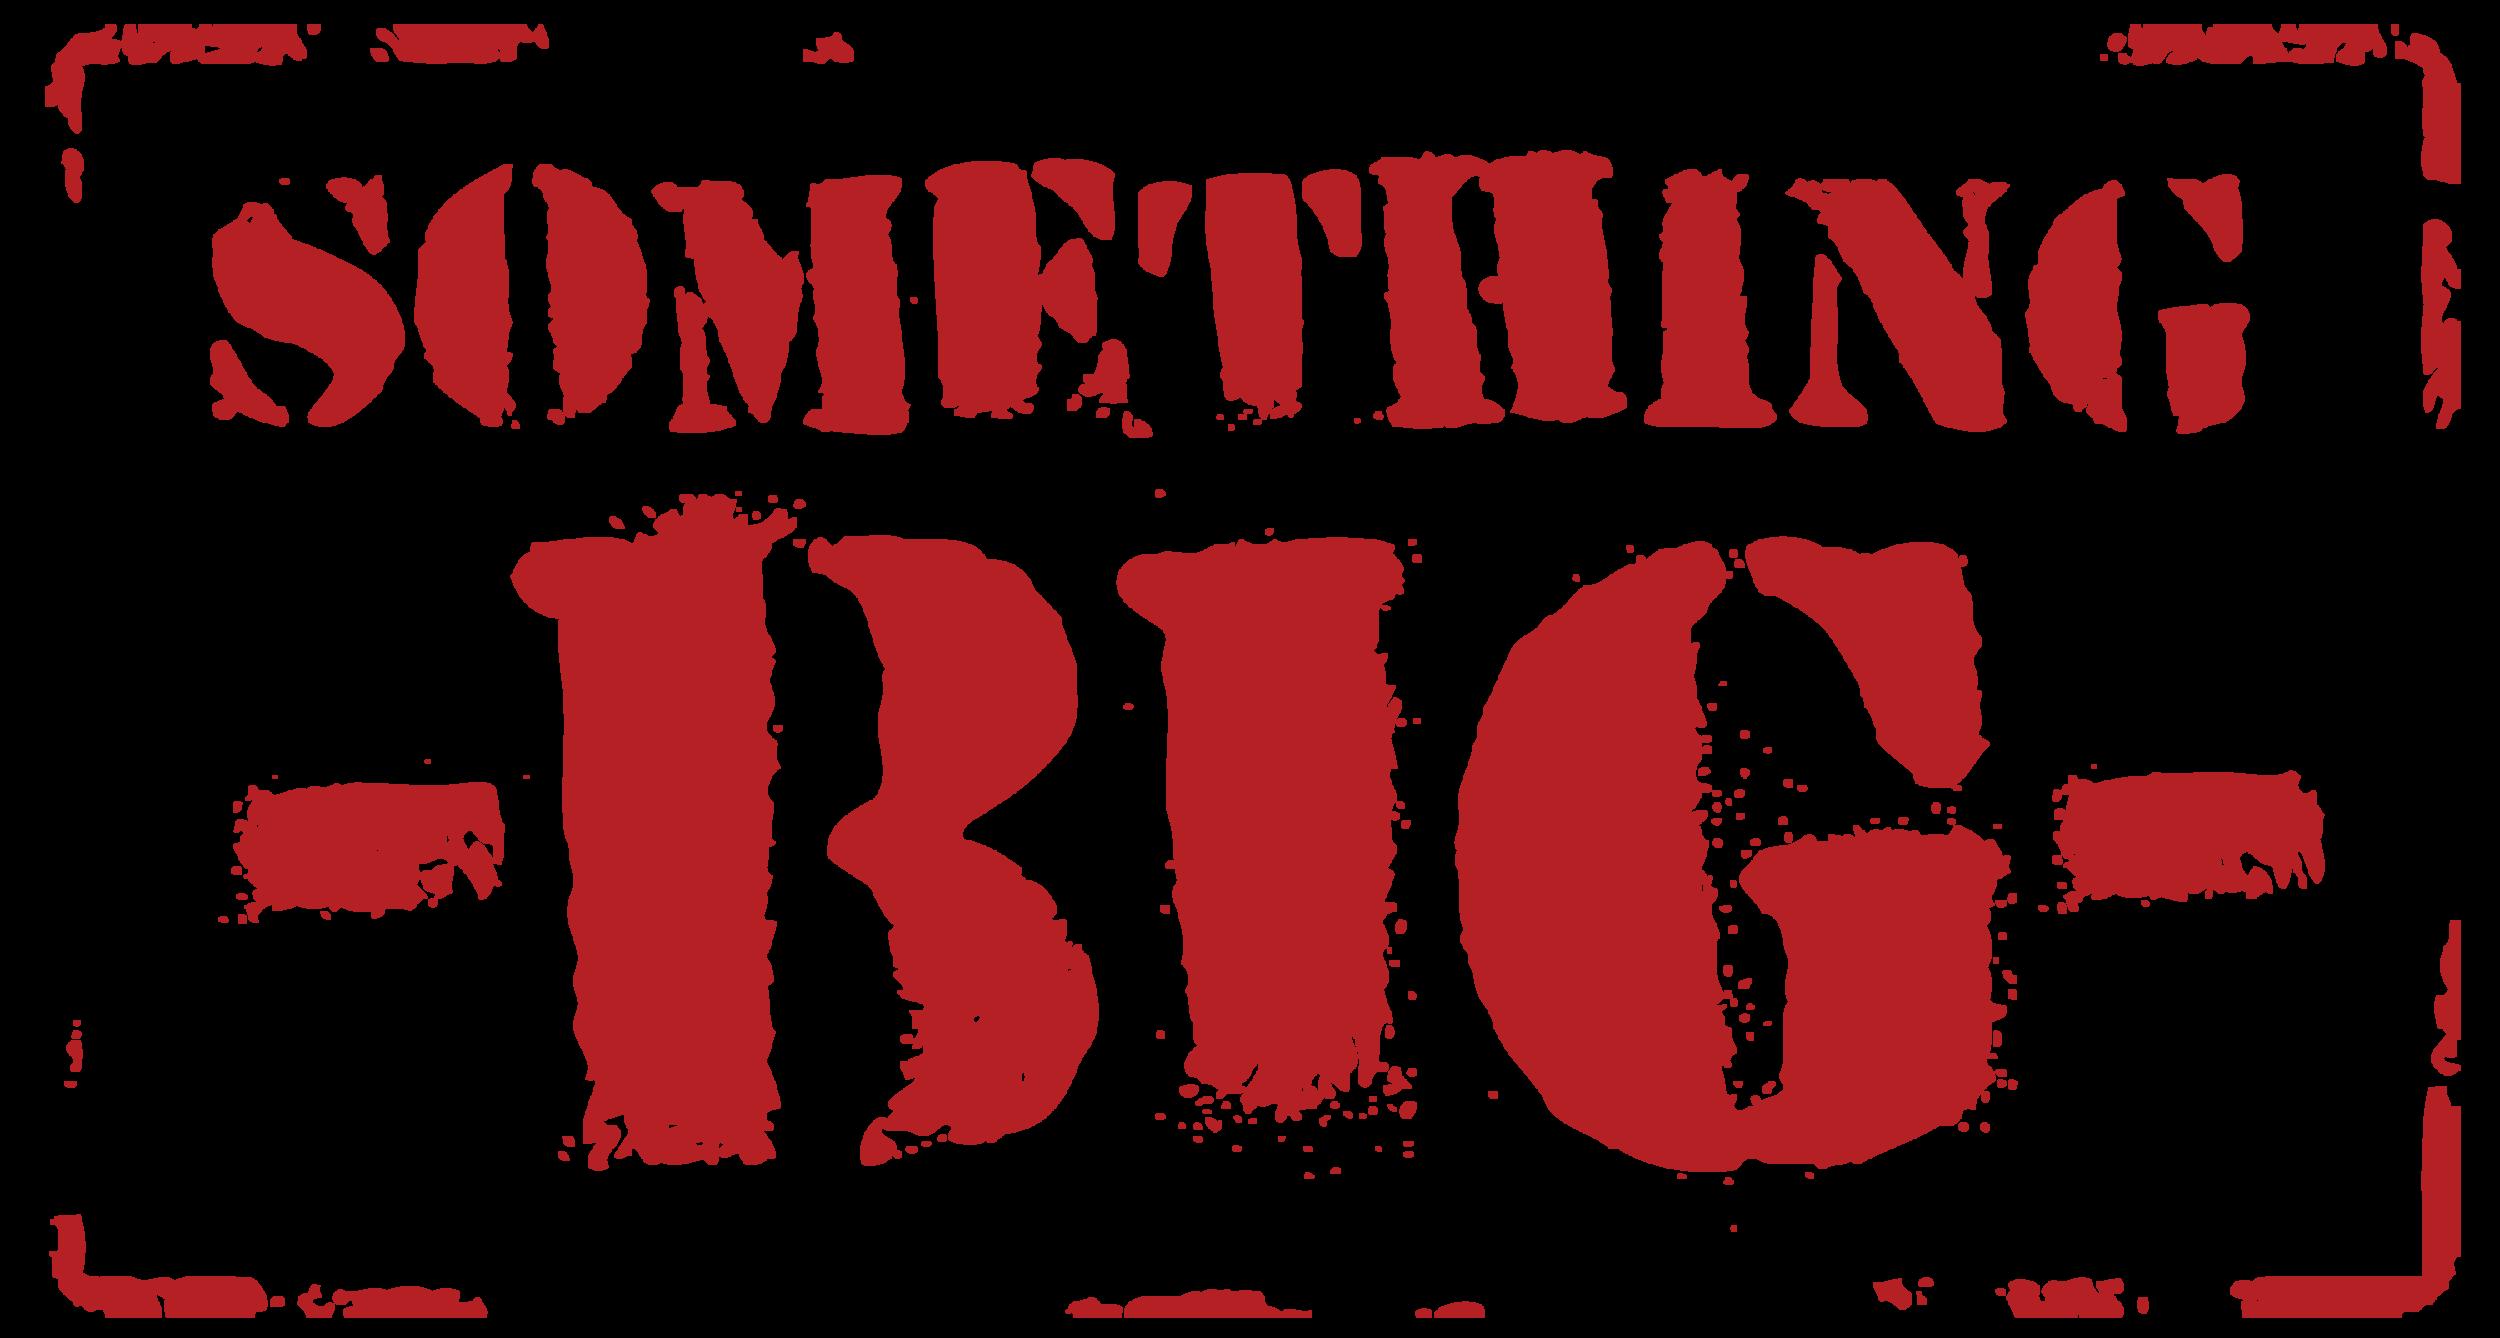 SomethingBigLogo.png